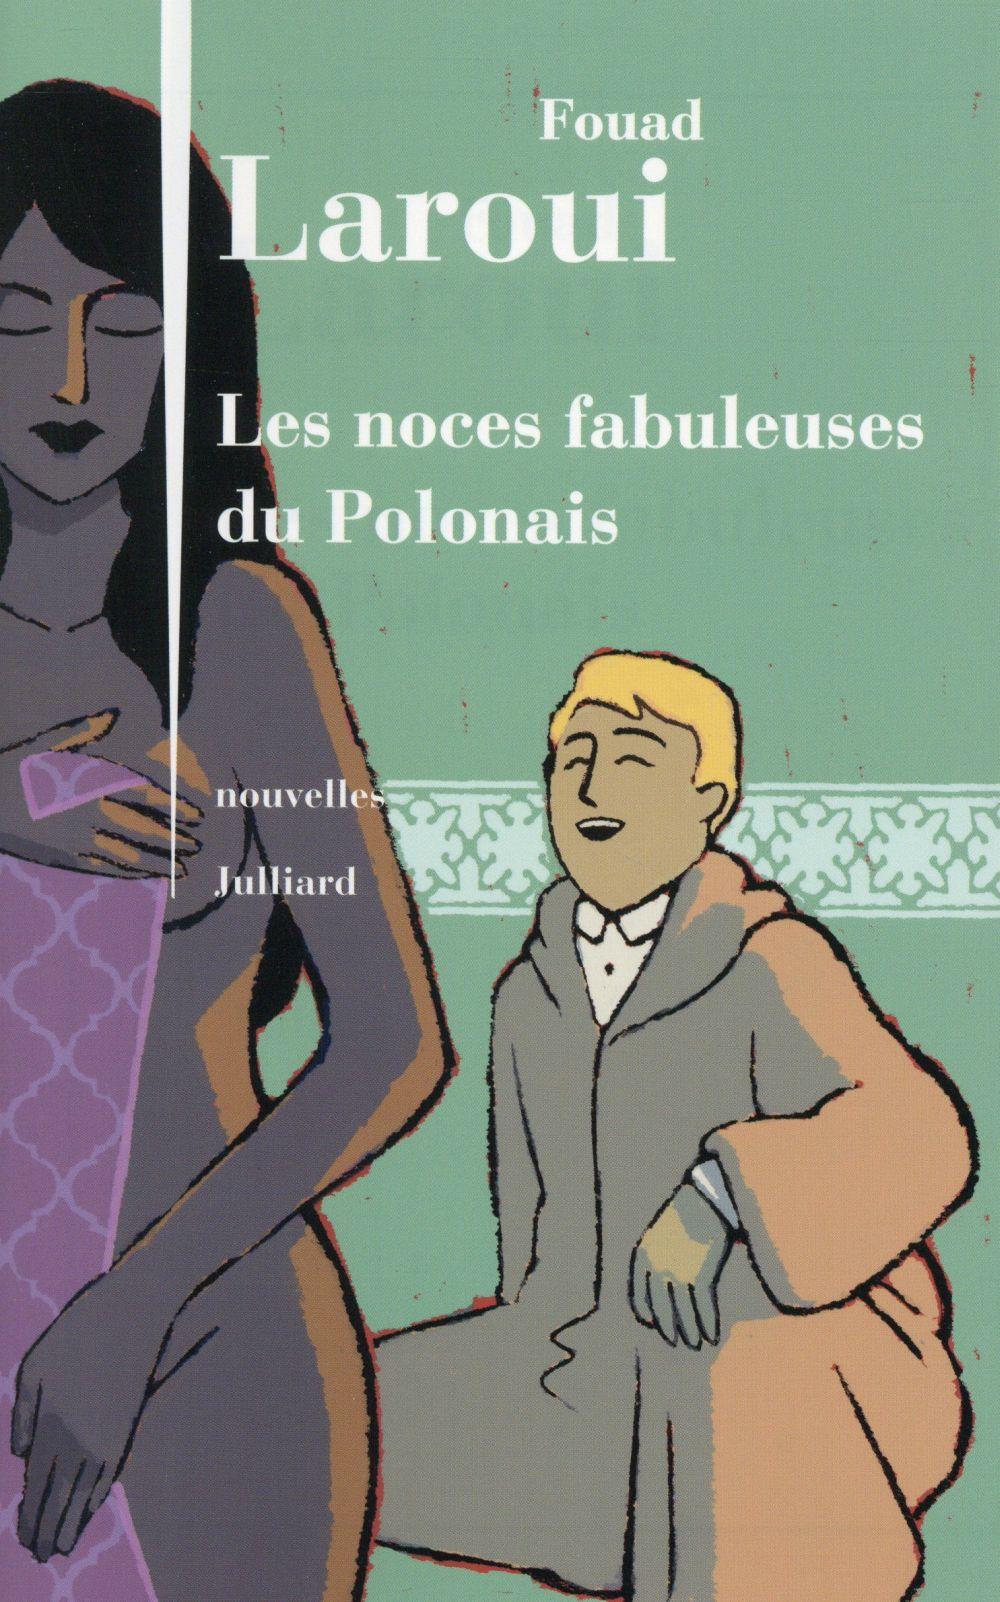 """""""Les noces fabuleuses du Polonais"""" de Fouad Laroui - la chronique #31 du Club des Explorateurs"""